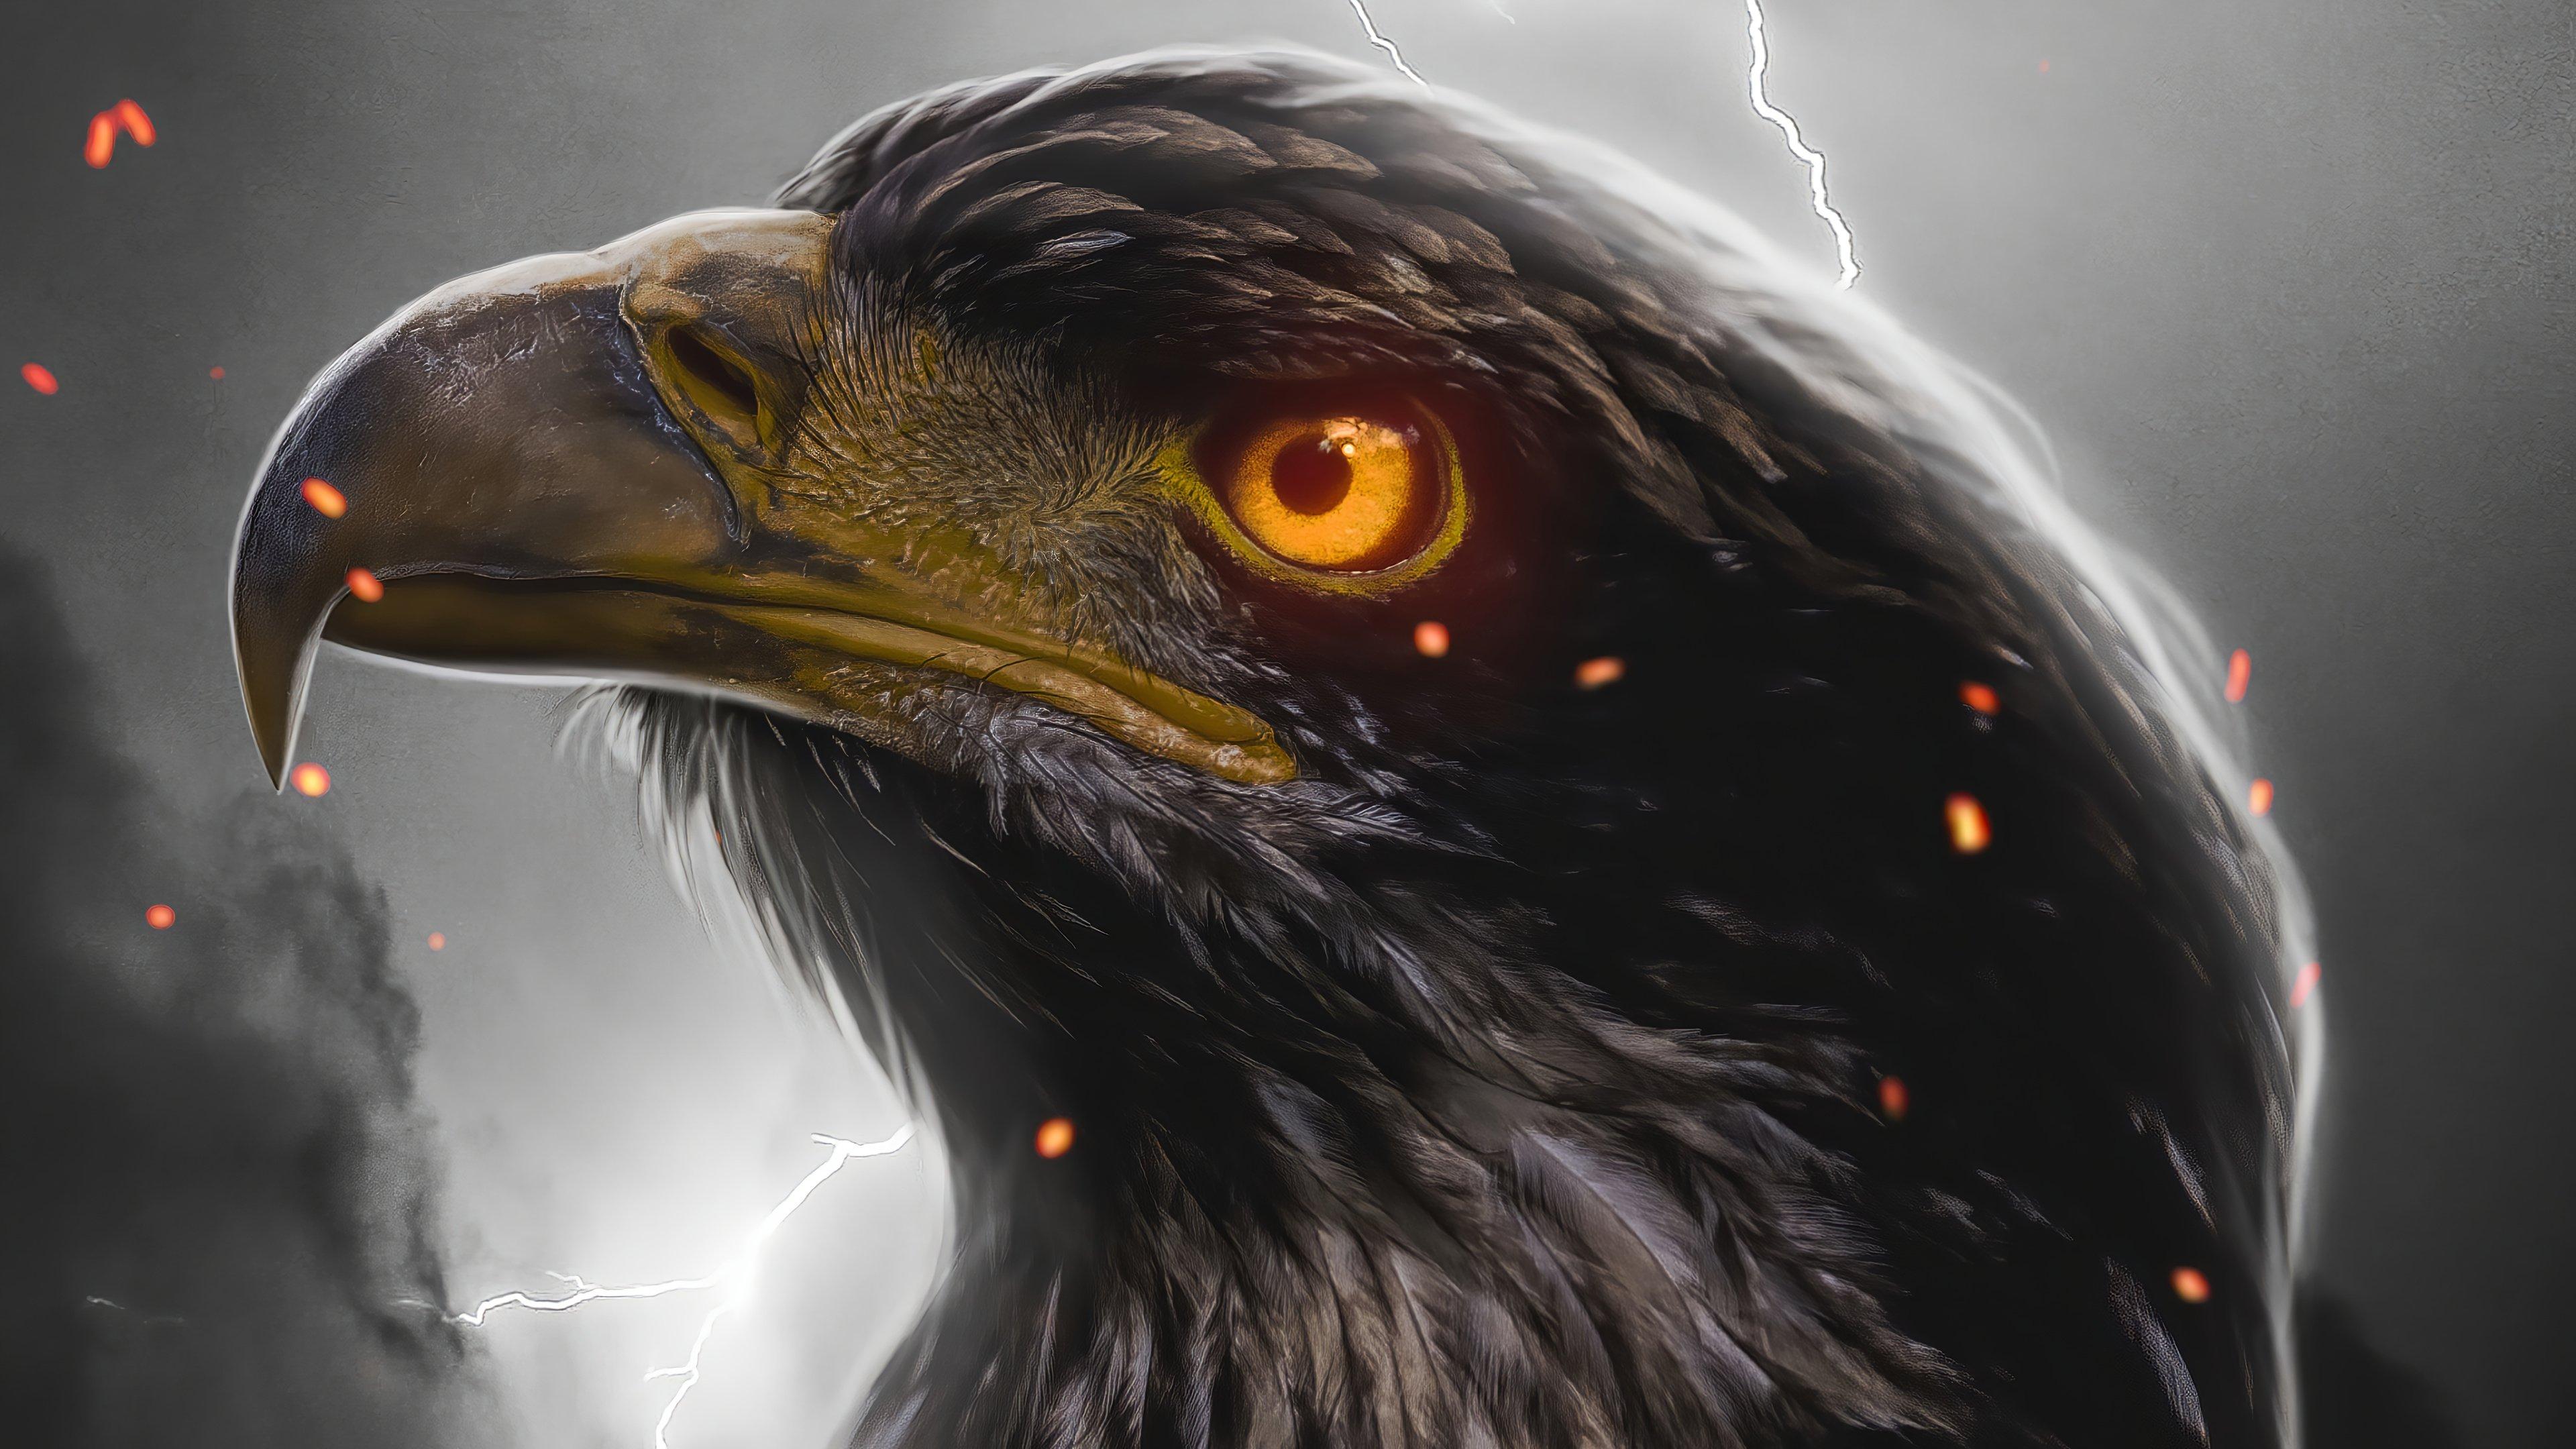 Wallpaper Eagle Digital Art